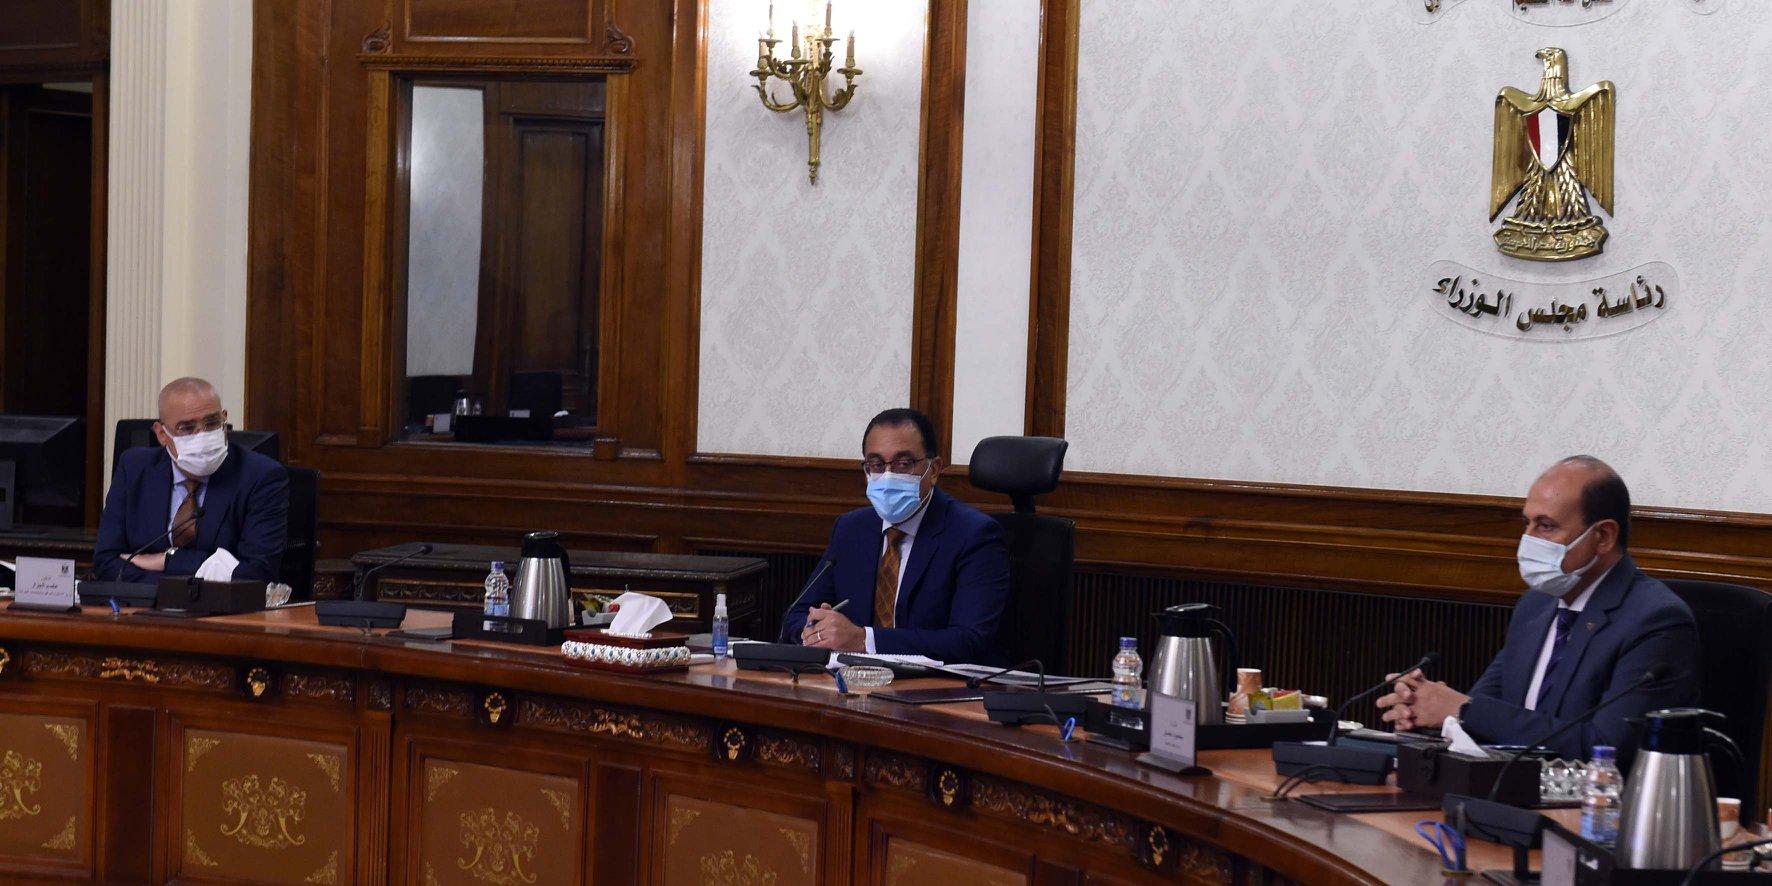 رئيس الوزراء يستعرض مخططات تطوير عدد من المحاور المرورية المهمة بالقاهرة الكبرى